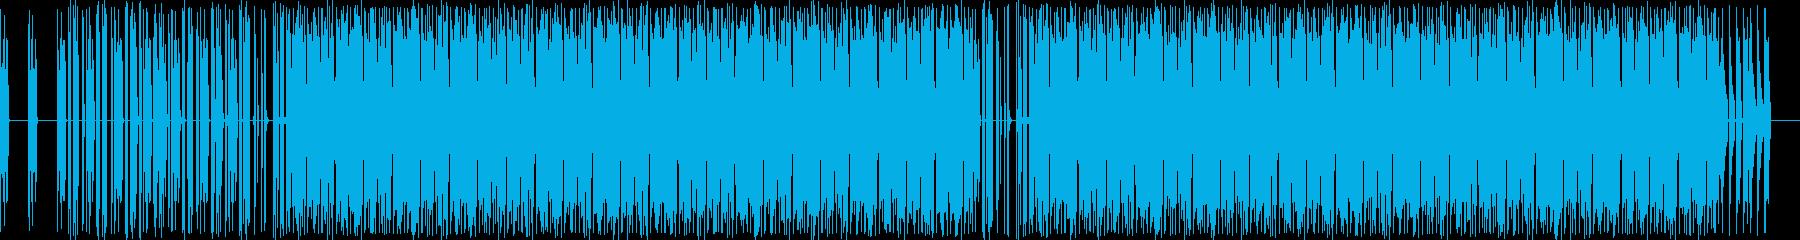 電子。噴水アルペジオ音符。の再生済みの波形